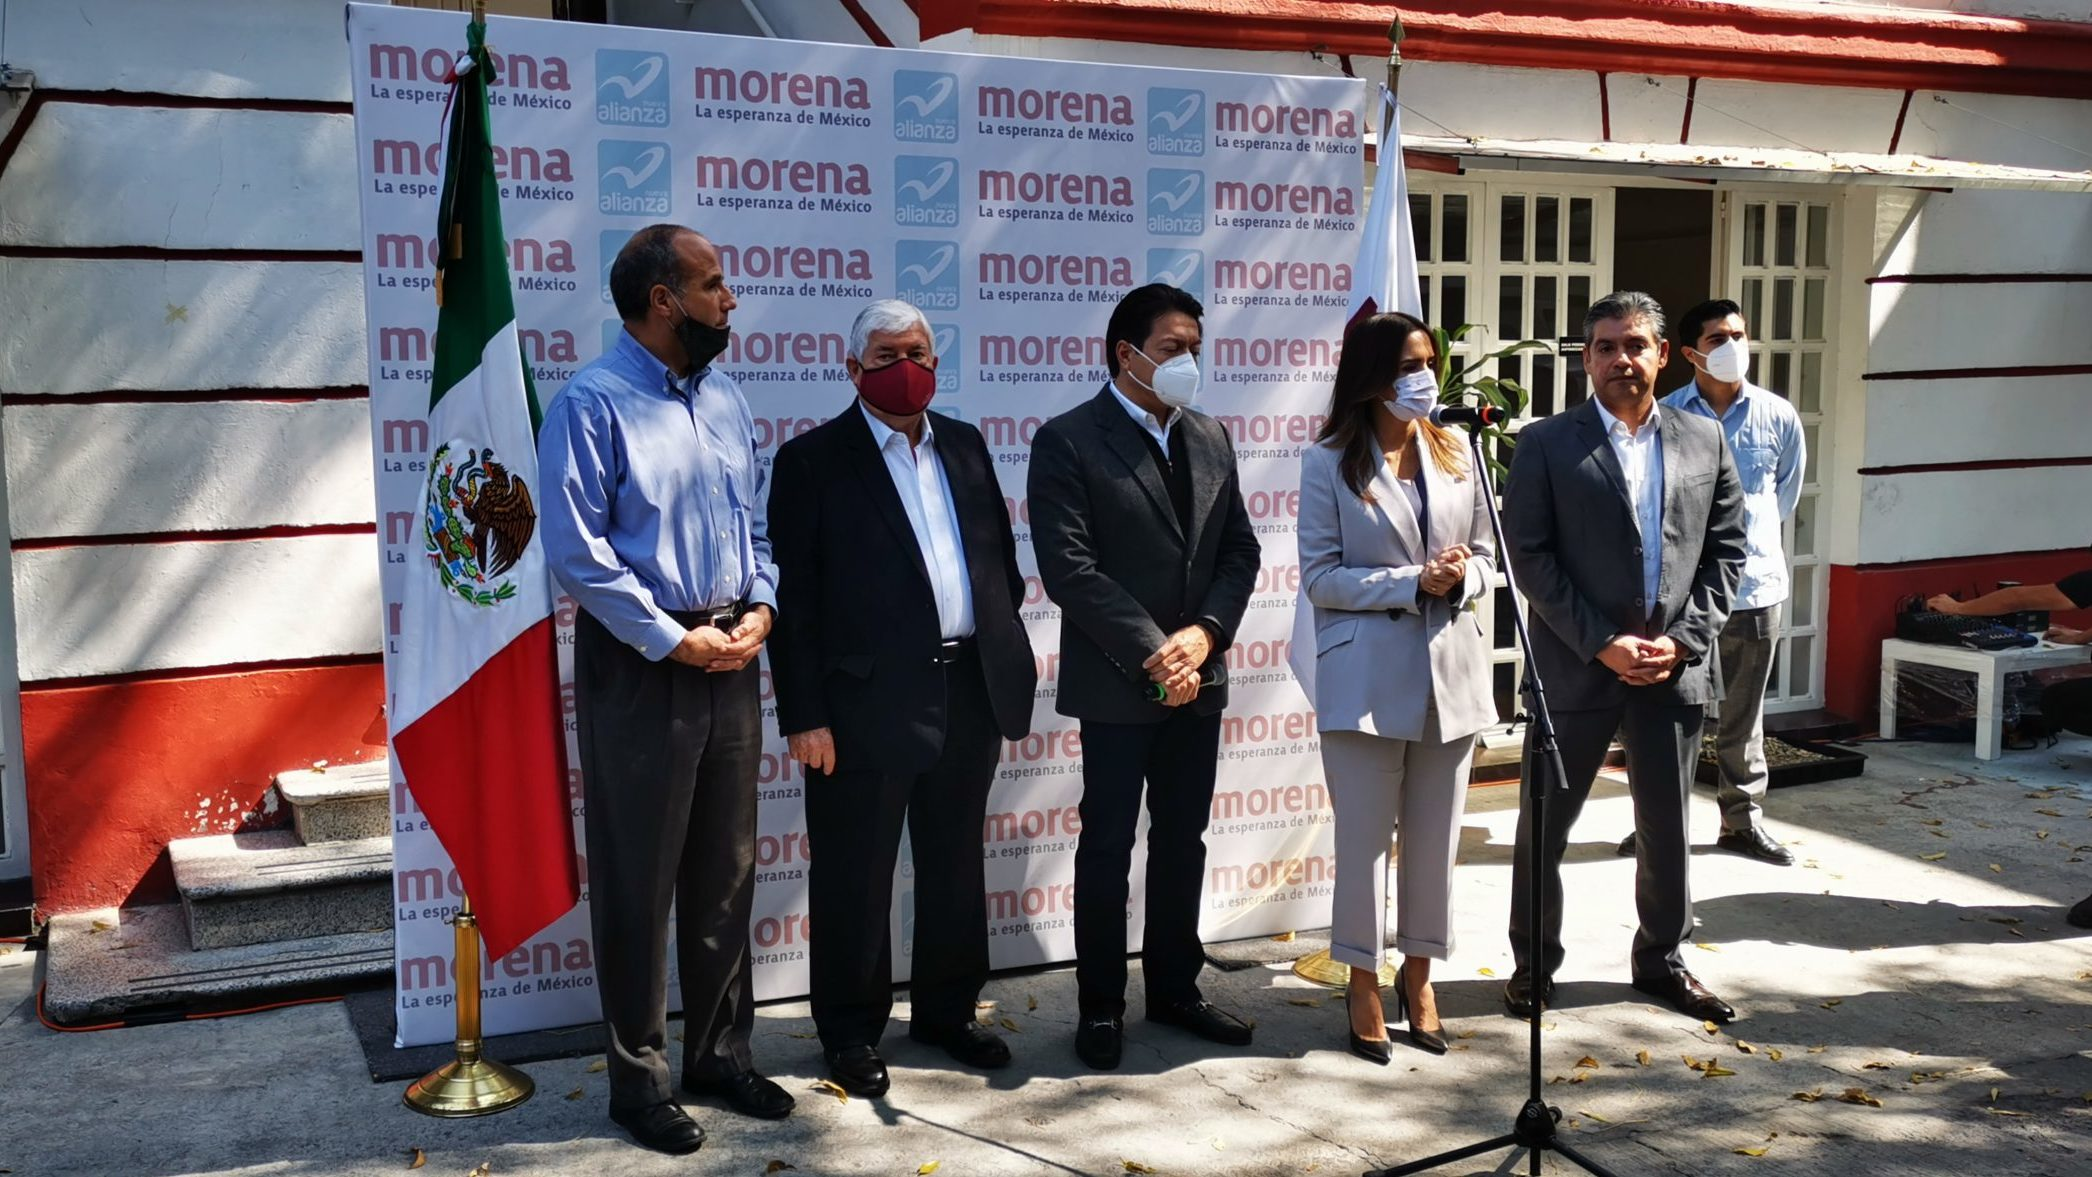 Encuesta entre 4 aspirantes definirá candidatura de Morena en Nuevo León